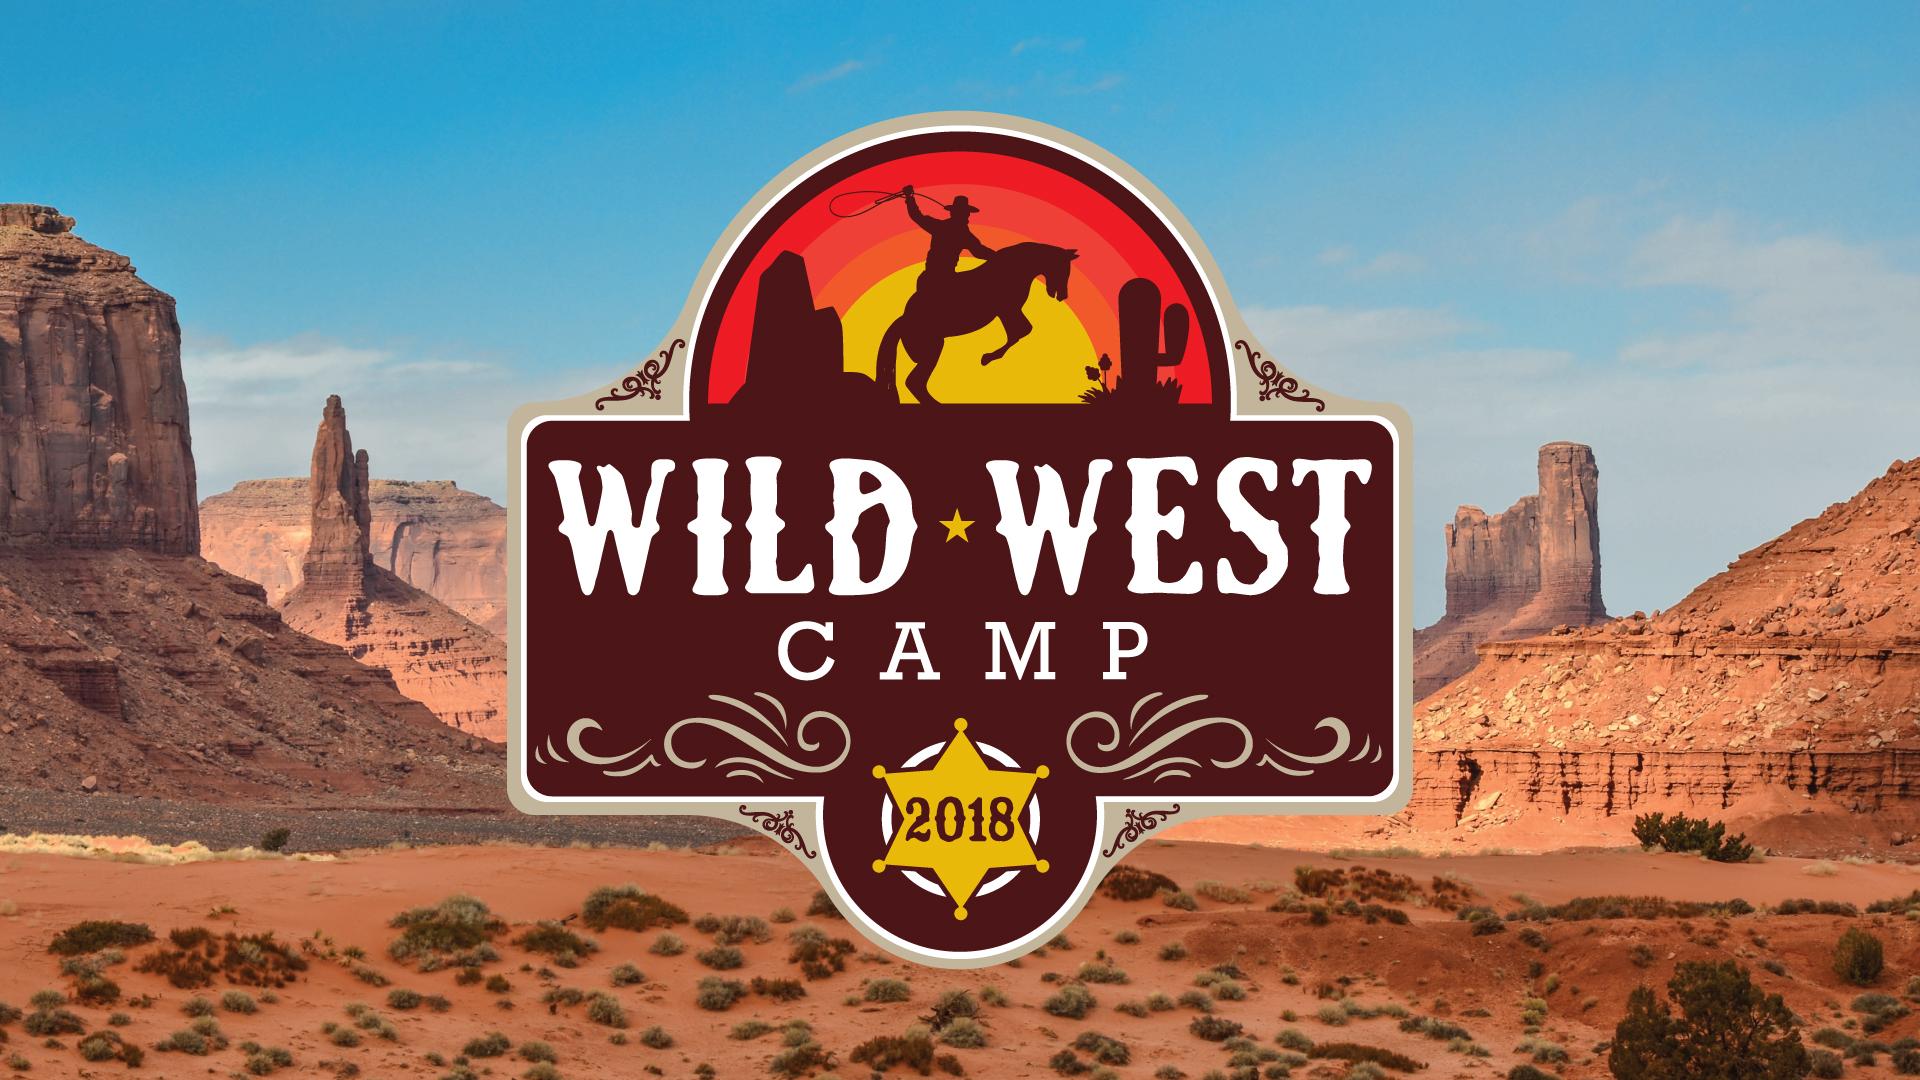 Wild-West-Camp_title.jpg